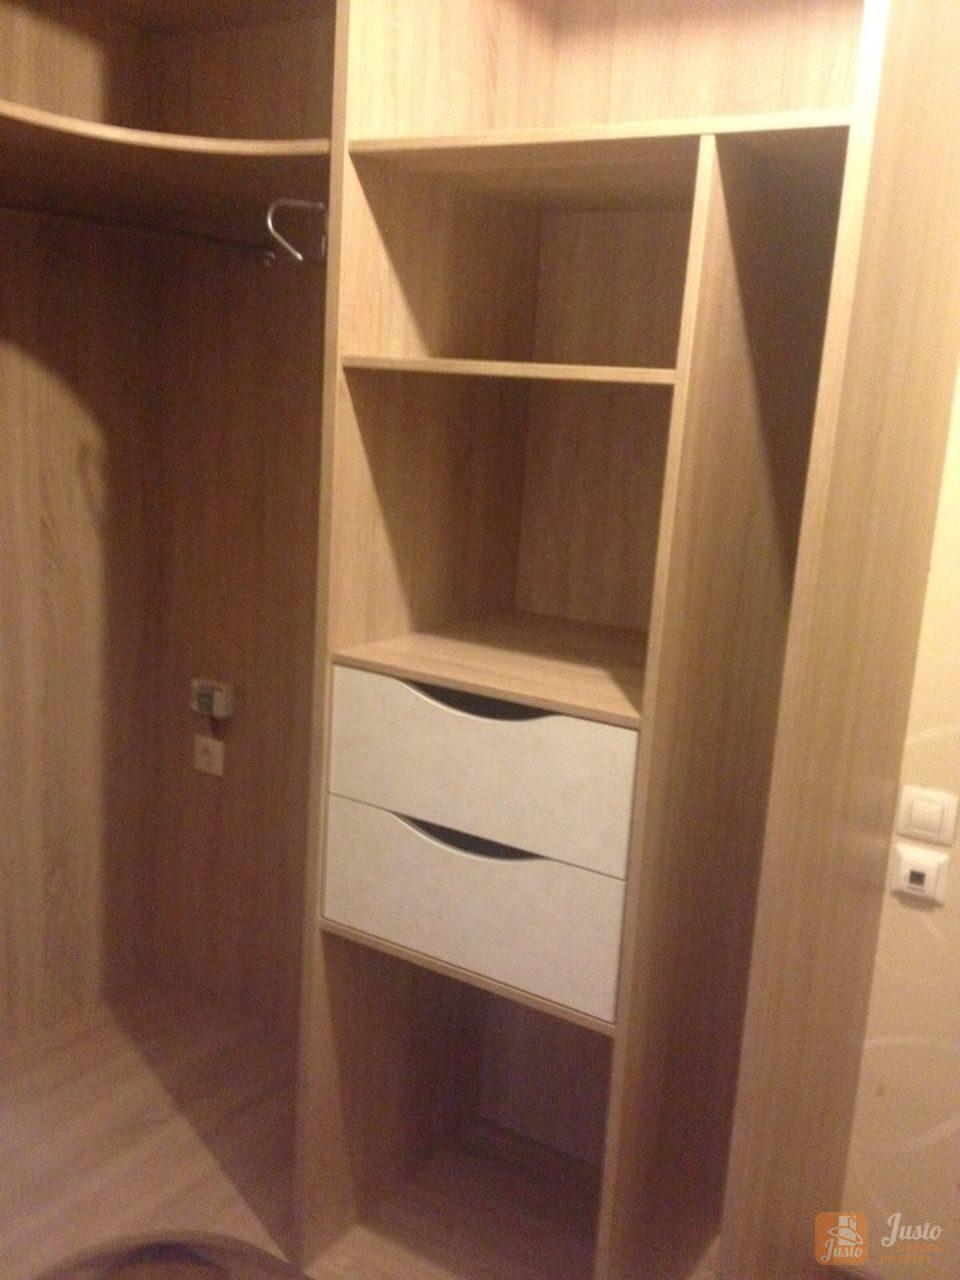 ШКАФЫ-КУПЕ и мебель на заказ! Индивидуально и доступно!